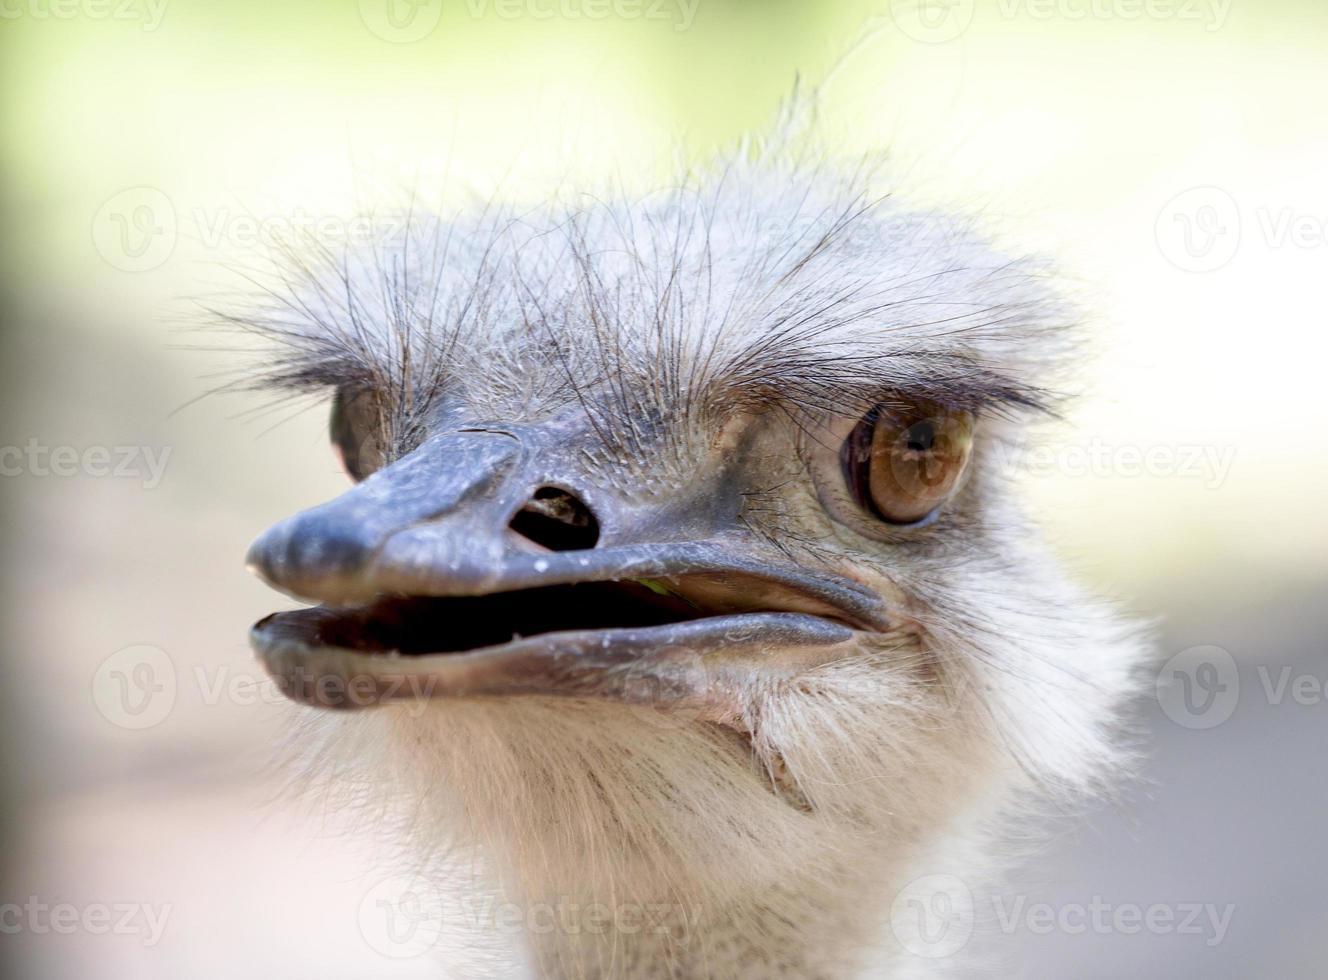 Cabeza de avestruz de cerca. foto